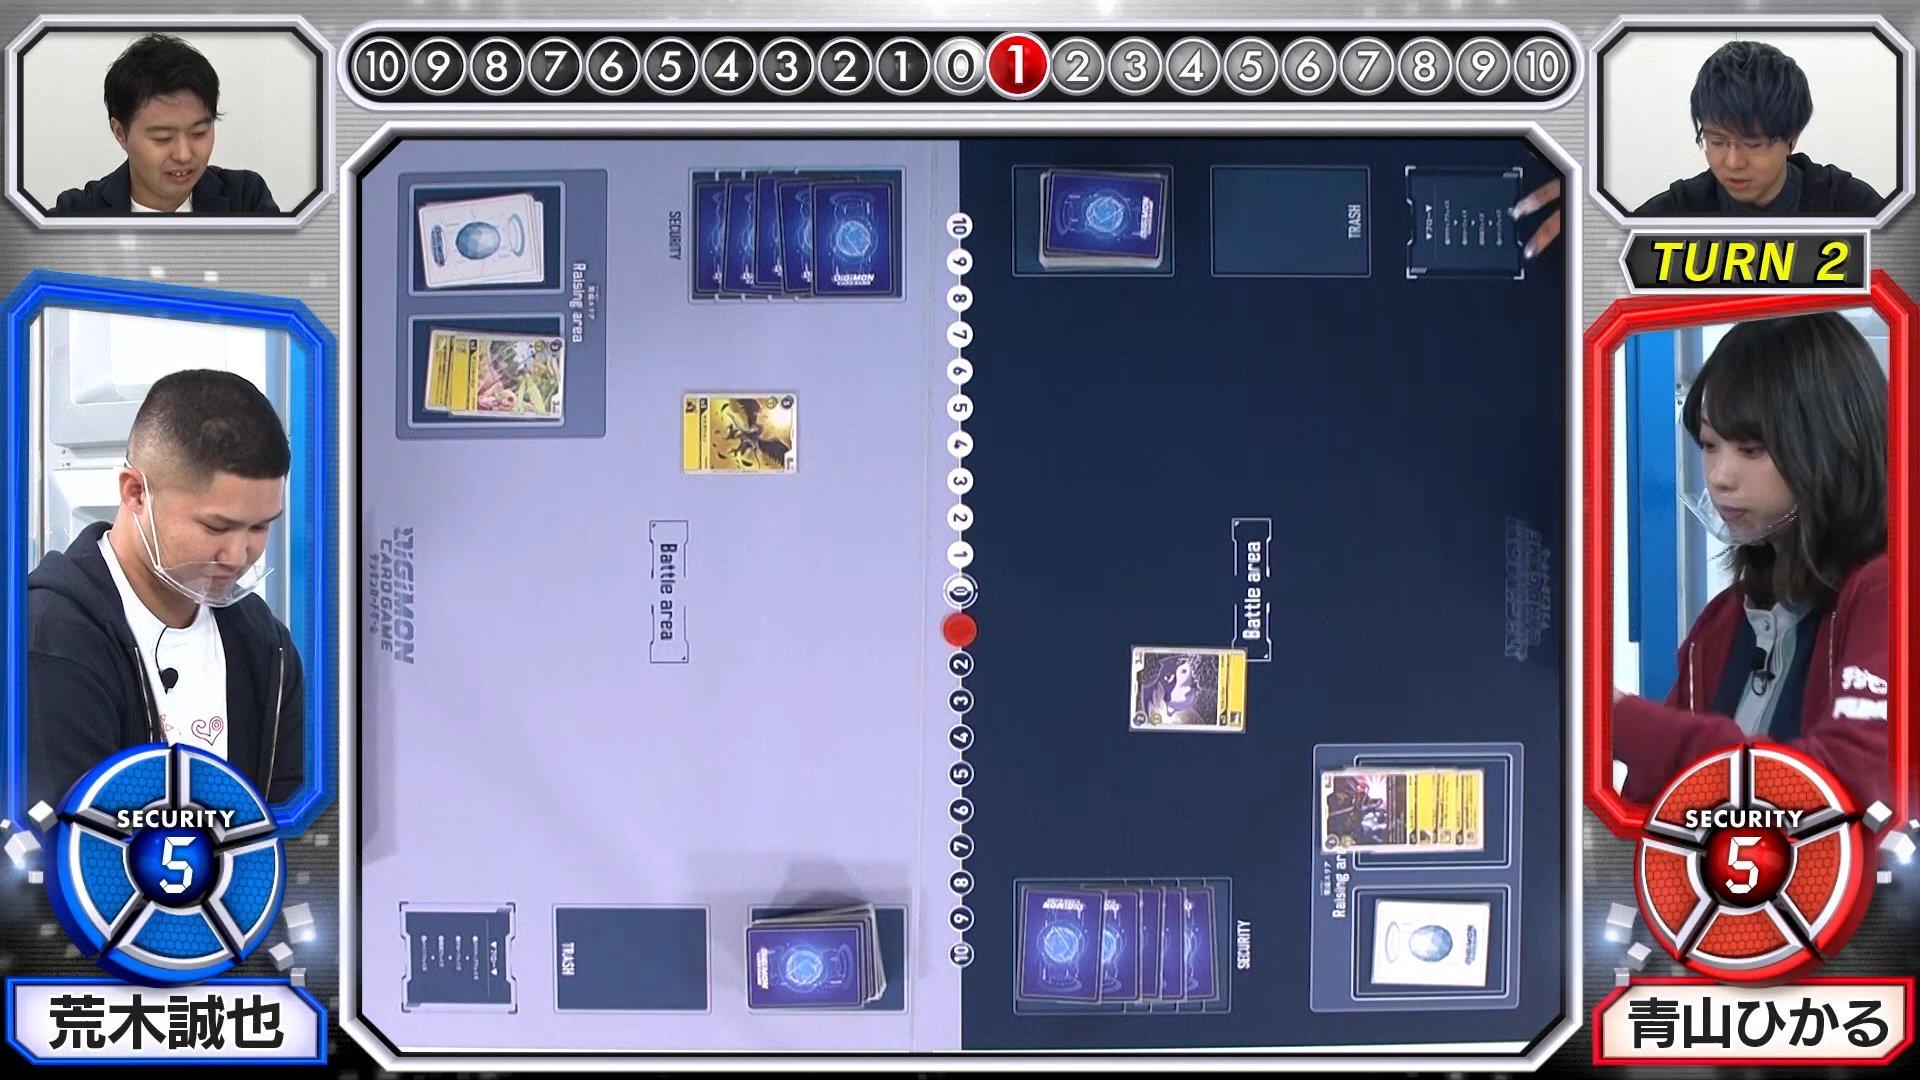 digimoncardbattle_v2_16_09_january28_2021.jpg